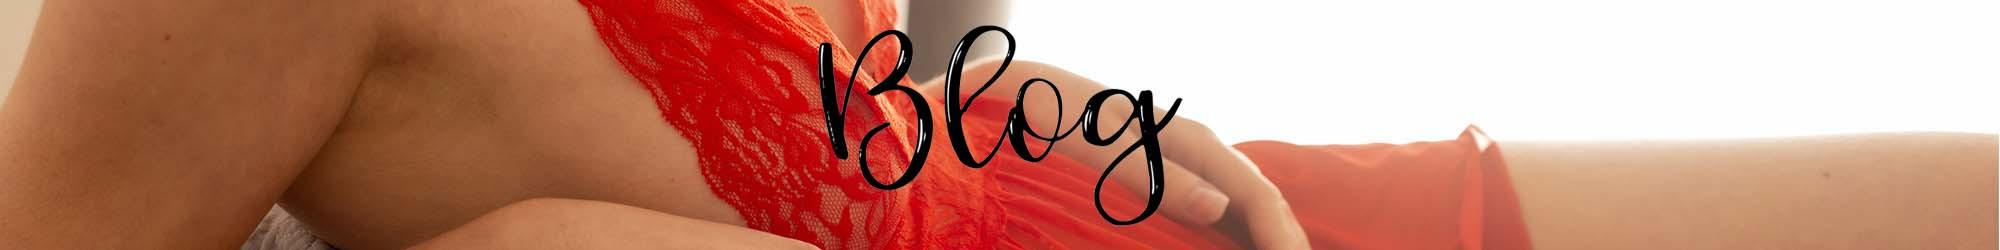 Bienvenue sur le blog belle en collant consacré bien sur aux collants, bas et à la mode lingerie